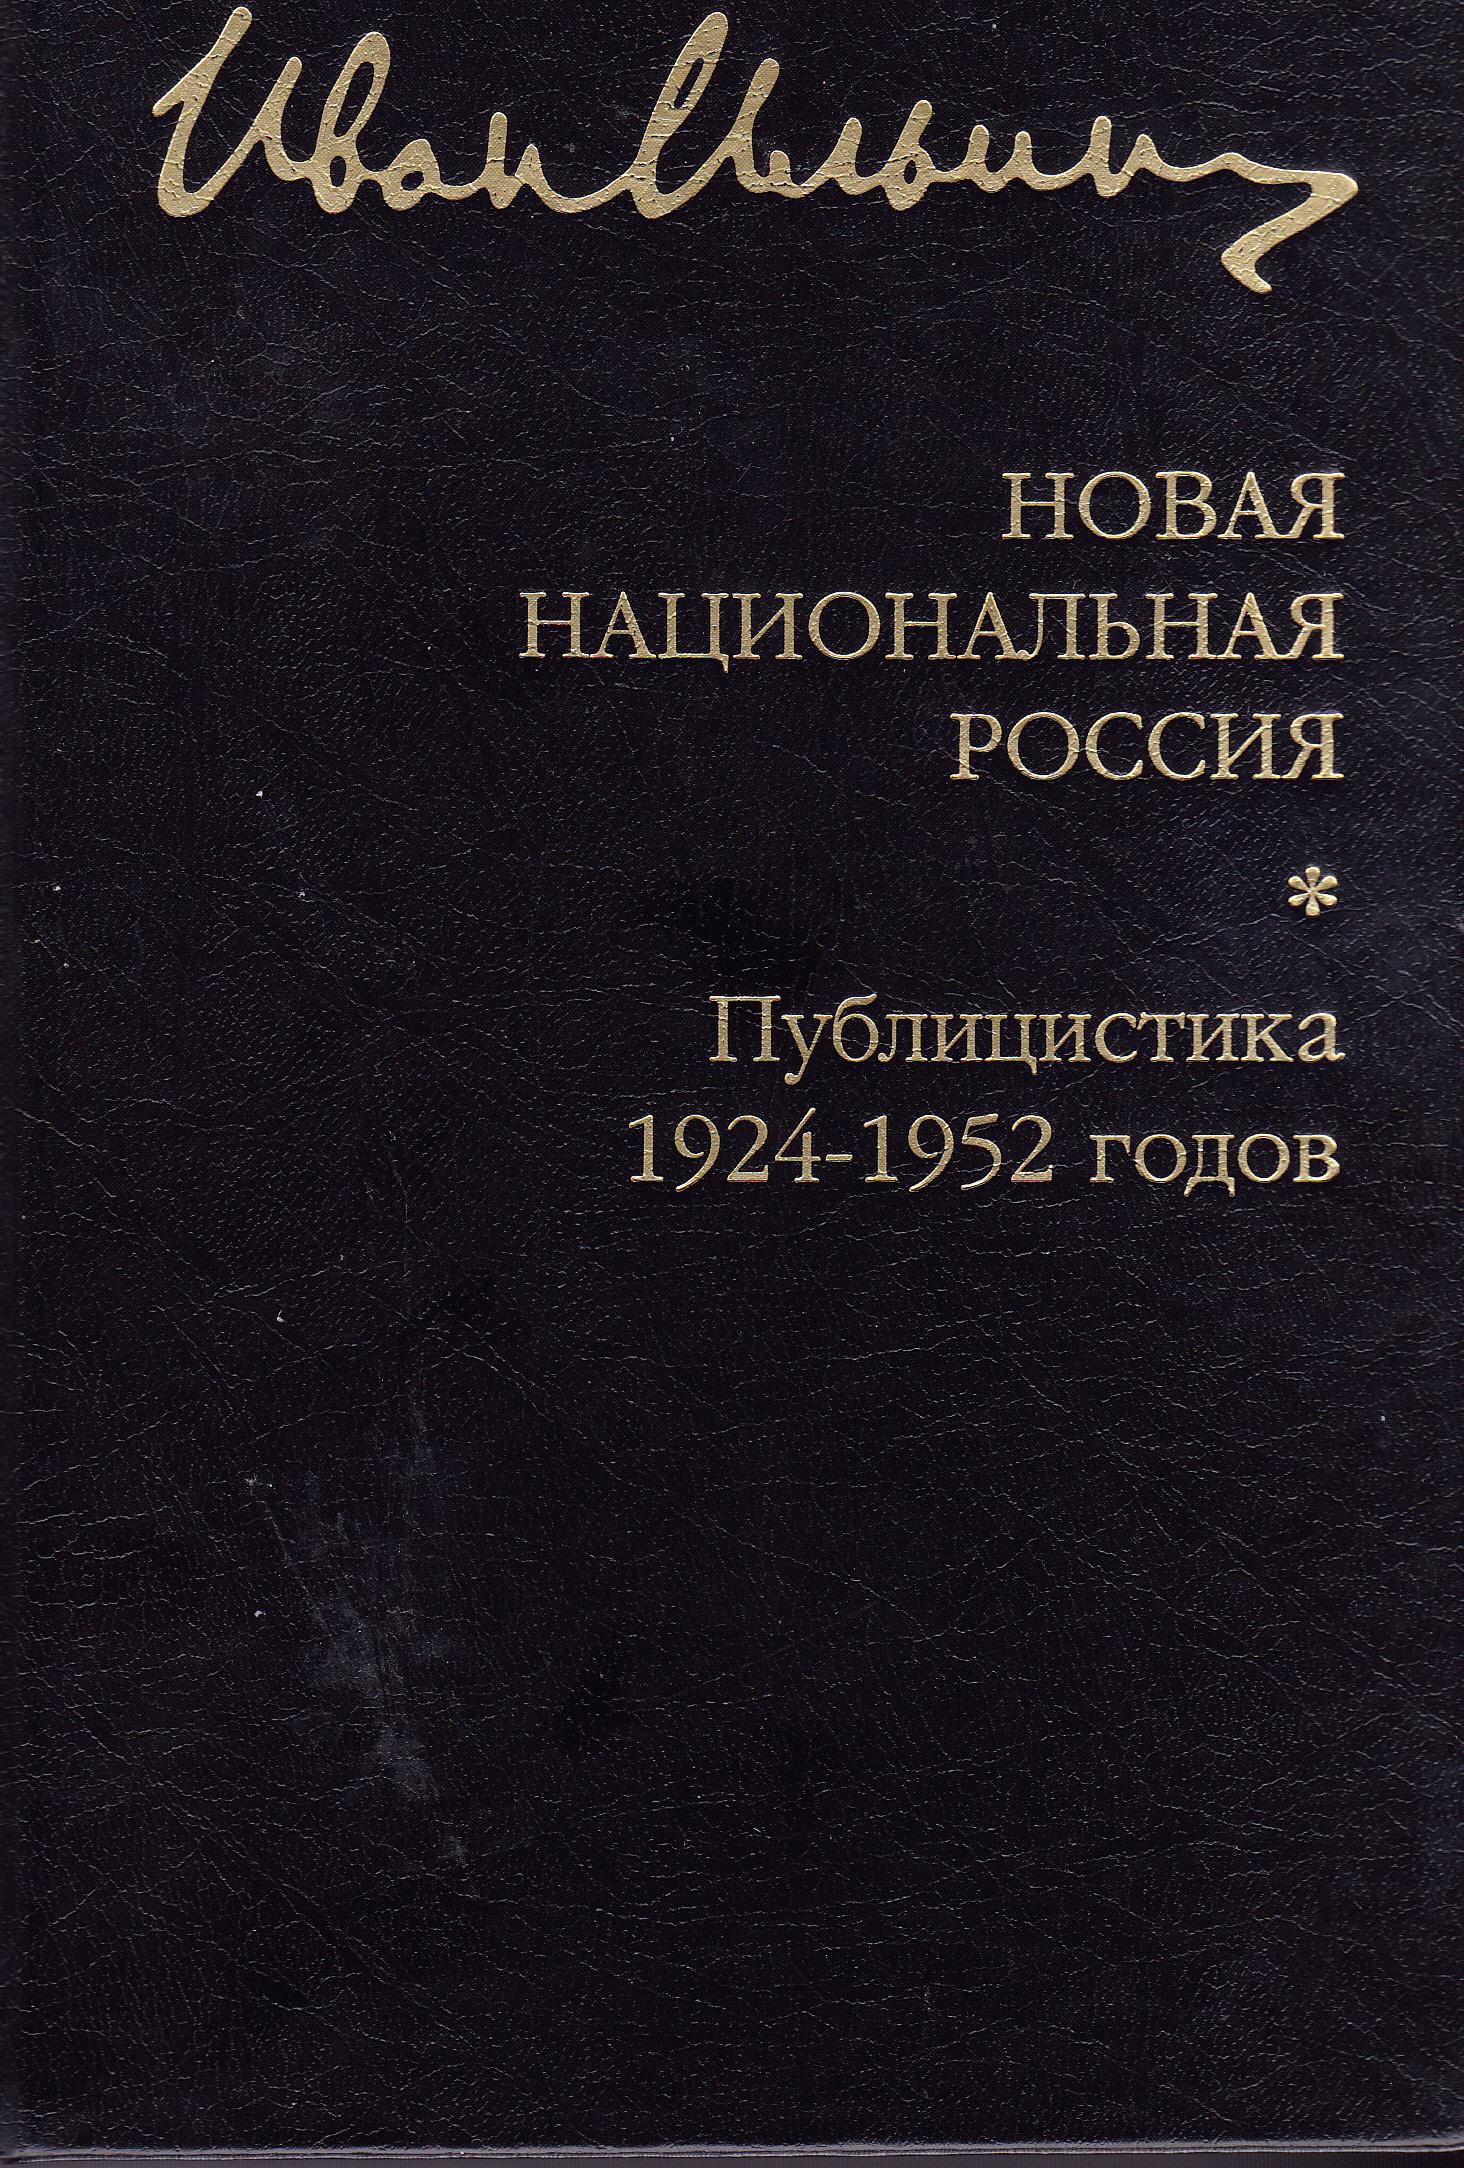 ilyin book